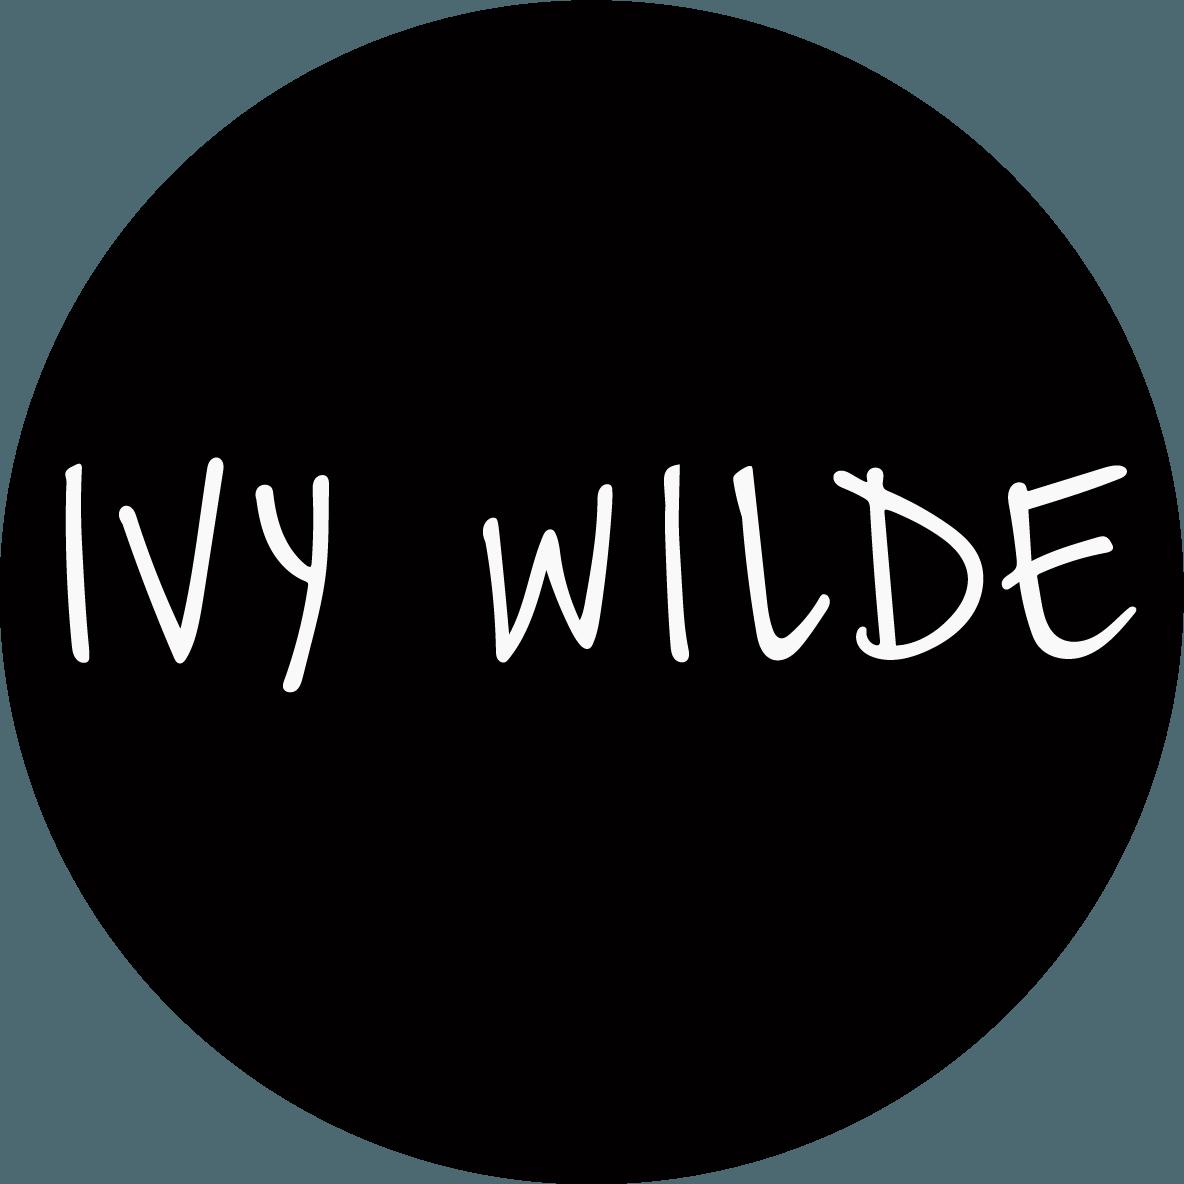 Ivy Wilde